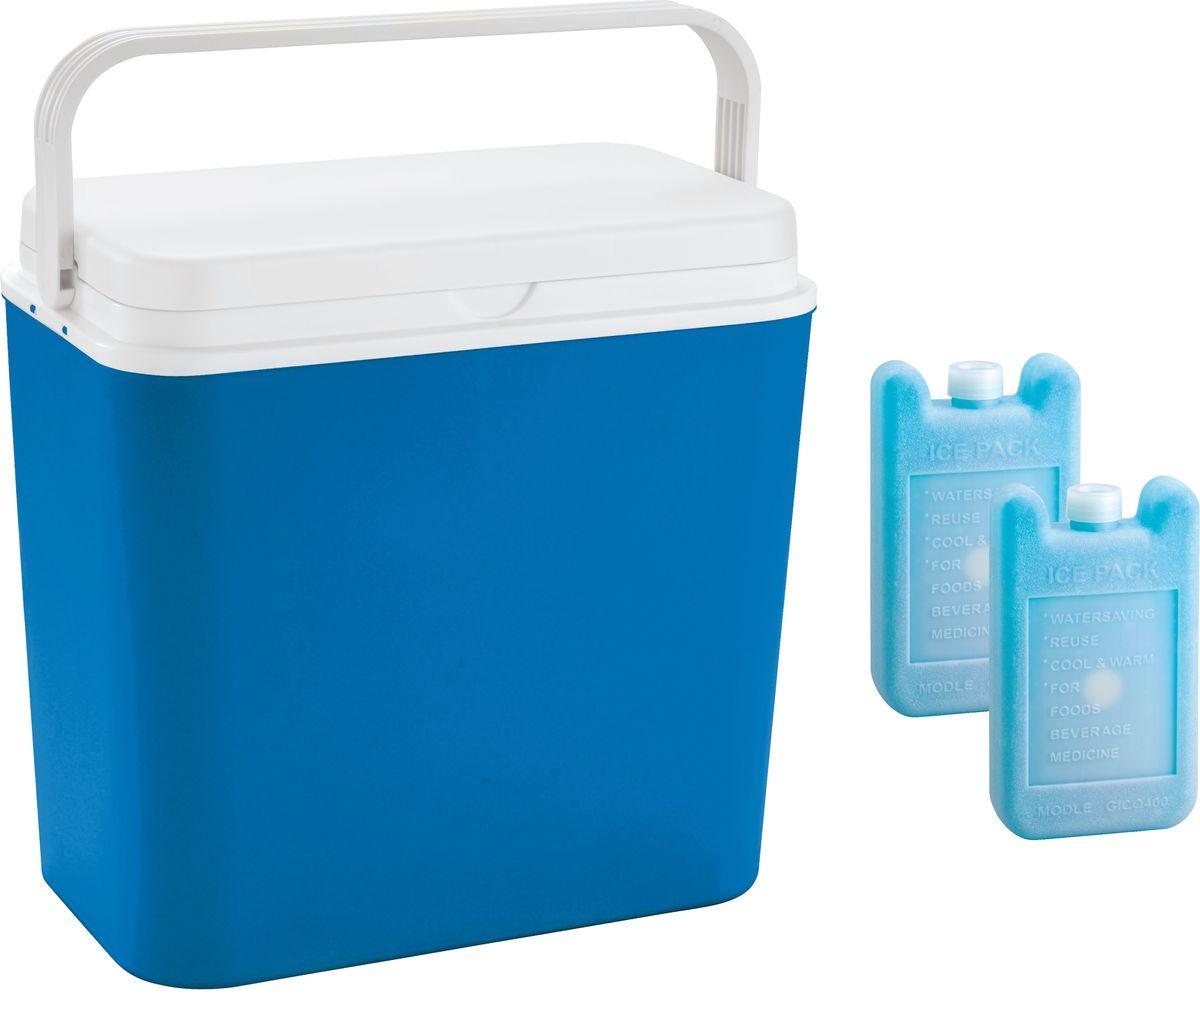 Контейнер изотермический Atlantic Cool Box, цвет: синий, 24 л + аккумулятор холода, 2 х 400 г3702Легкий и прочный изотермический контейнер Atlantic Cool Box предназначен для сохранения определенной температуры продуктов во время длительных поездок. Корпус и крышка контейнера изготовлены из высококачественного пластика. Между двойными стенками находится термоизоляционный слой, который обеспечивает сохранение температуры. Крышку можно использовать в качестве столика или подноса. Ручка служит фиксатором крышки, которая закрывается очень плотно. К контейнеру прилагается два аккумулятора холода по 400 г каждый. При использовании аккумулятора холода контейнер обеспечивает сохранение продуктов холодными до 12 часов. Температурный режим эксплуатации: от -30°C до +60°C. Контейнер идеально подходит для отдыха на природе, пикников, туристических походов и путешествий. Объем контейнера: 24 л. Размер контейнера: 39 см х 38 см х 22 см.